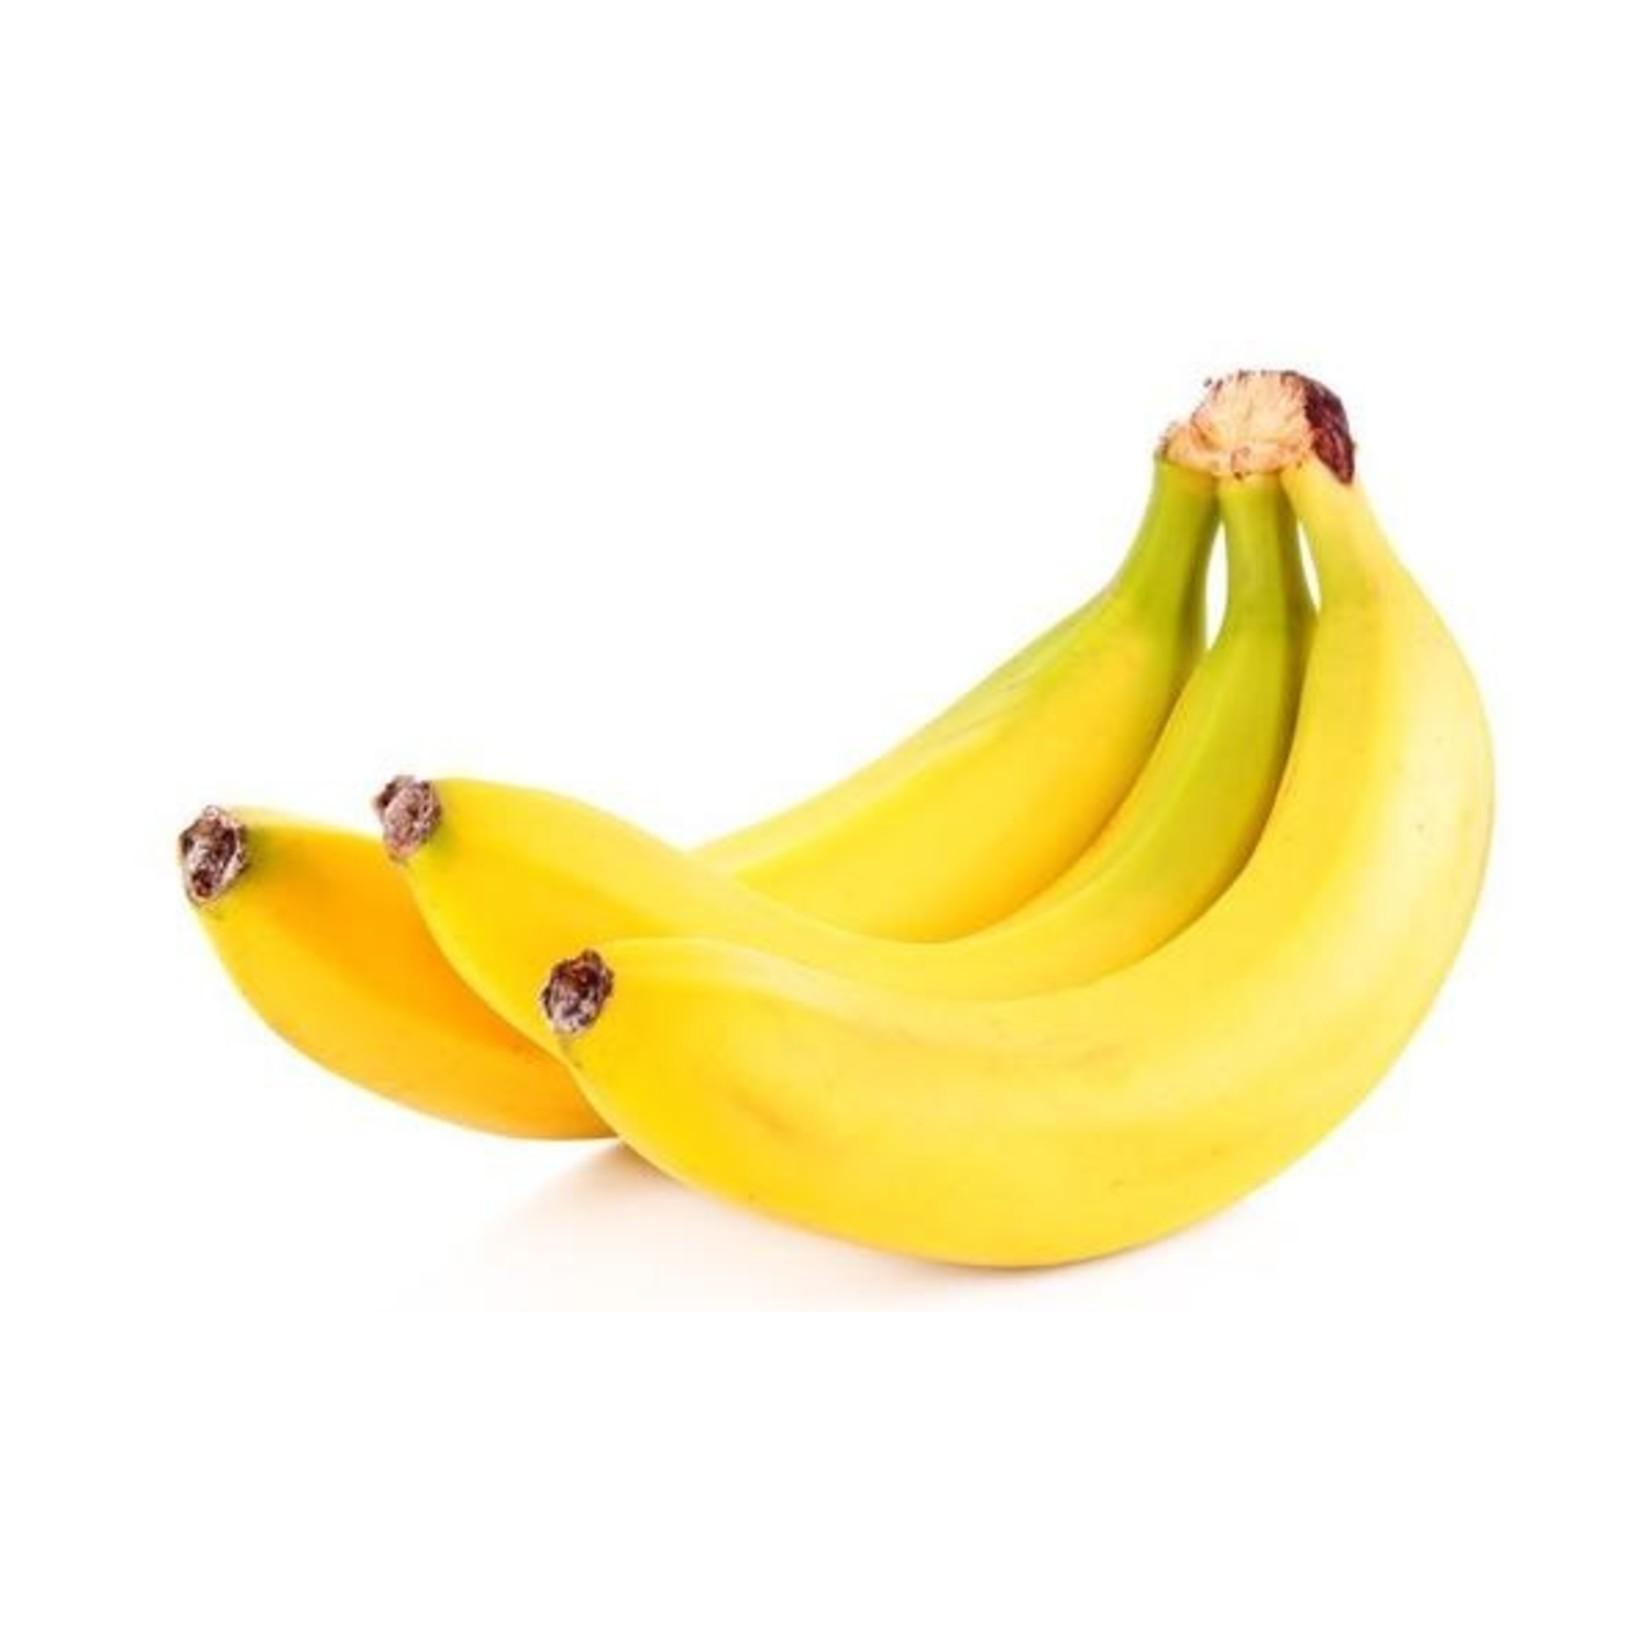 Banaan ijs